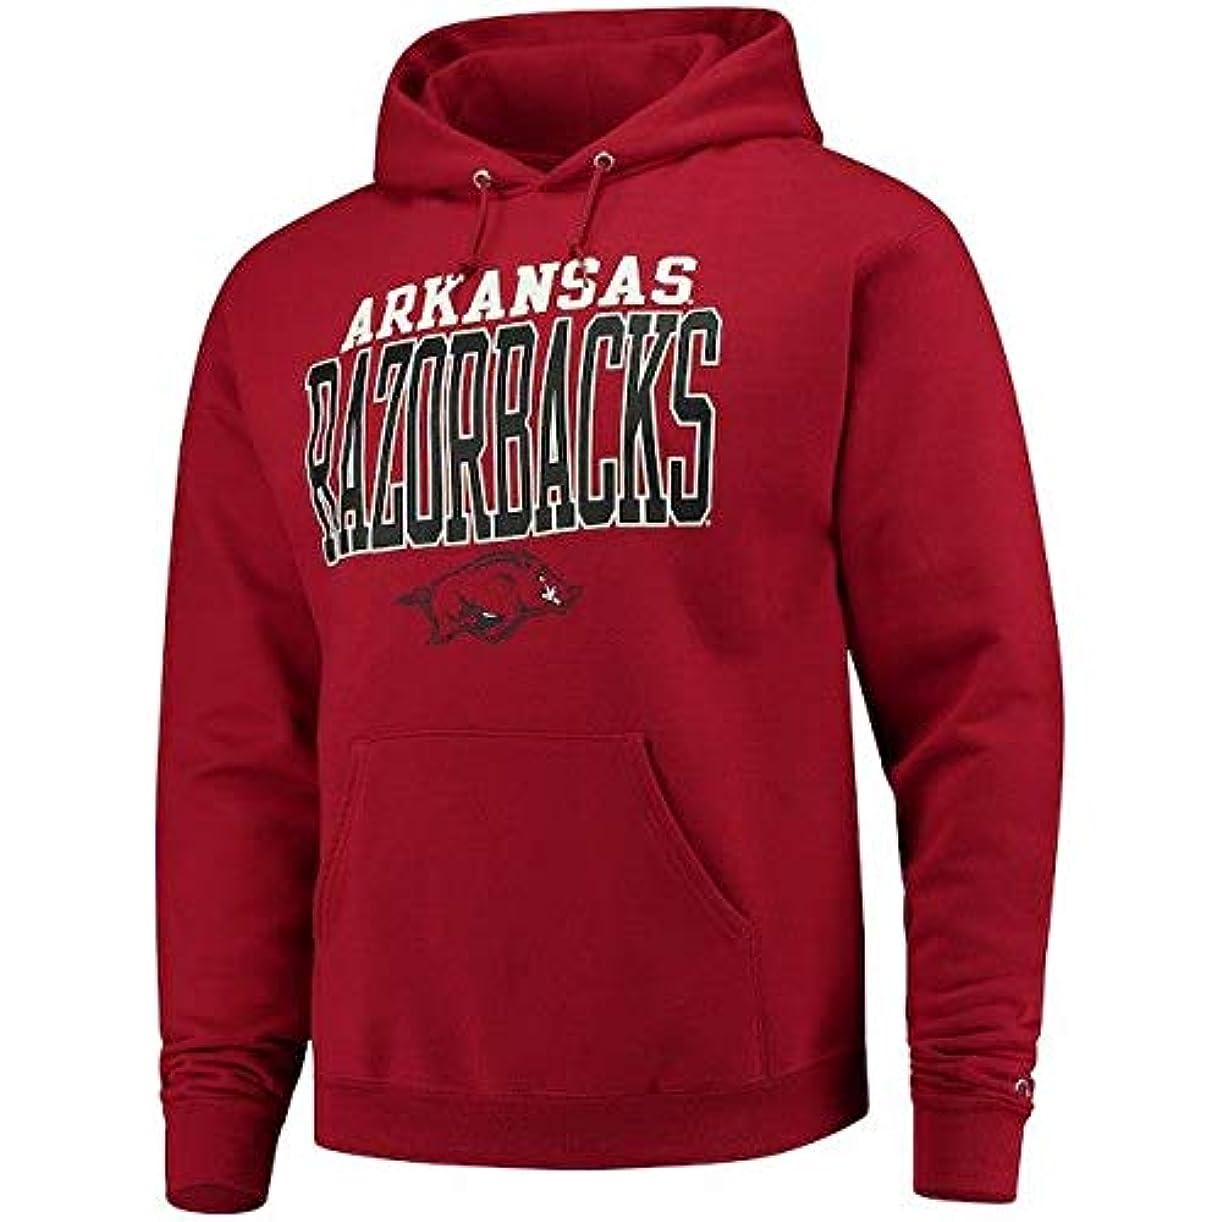 ビットフォアタイプ巻き戻すChampion Champion Arkansas Razorbacks Cardinal Core Powerblend Hoodie スポーツ用品 【並行輸入品】